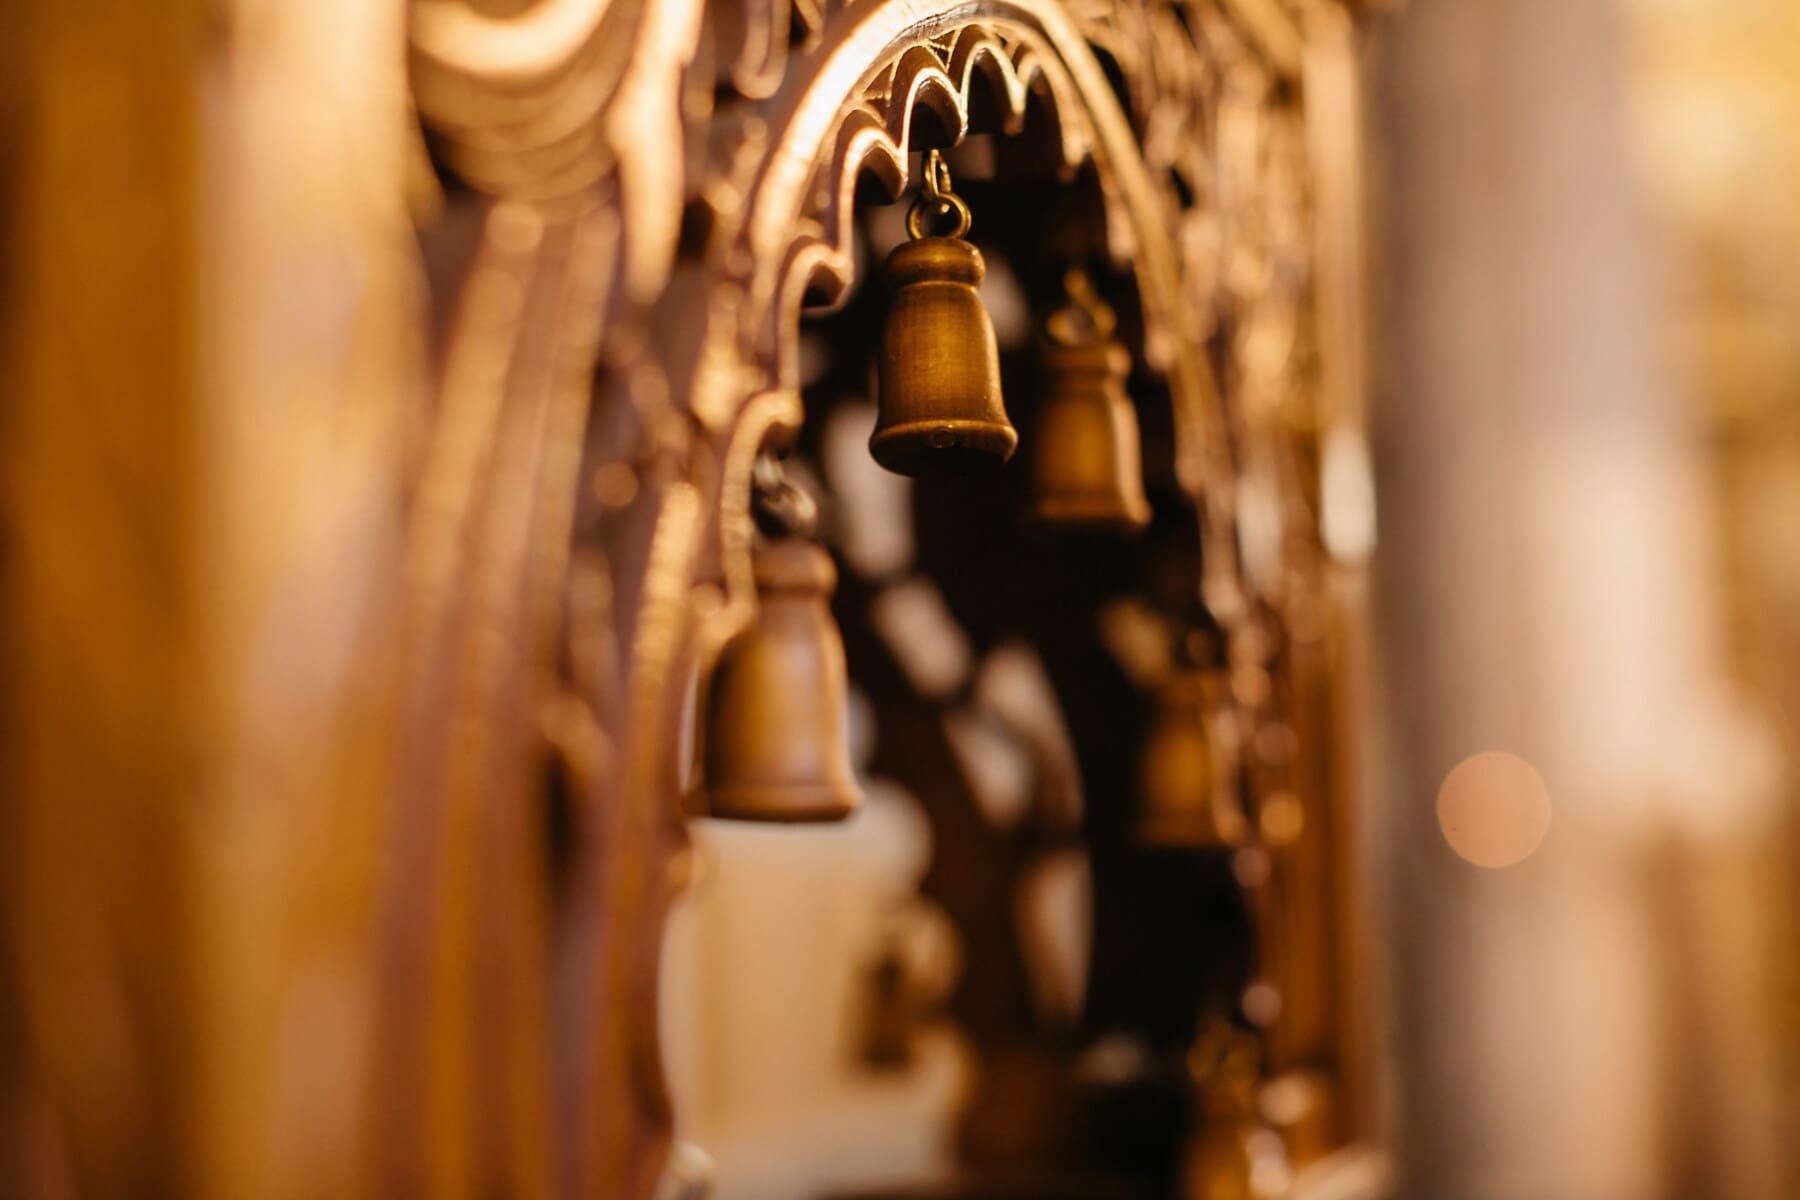 aus Holz, Glocke, Tischlerei, alt, Möbel, Barock, Ornament, handgefertigte, drinnen, Antik